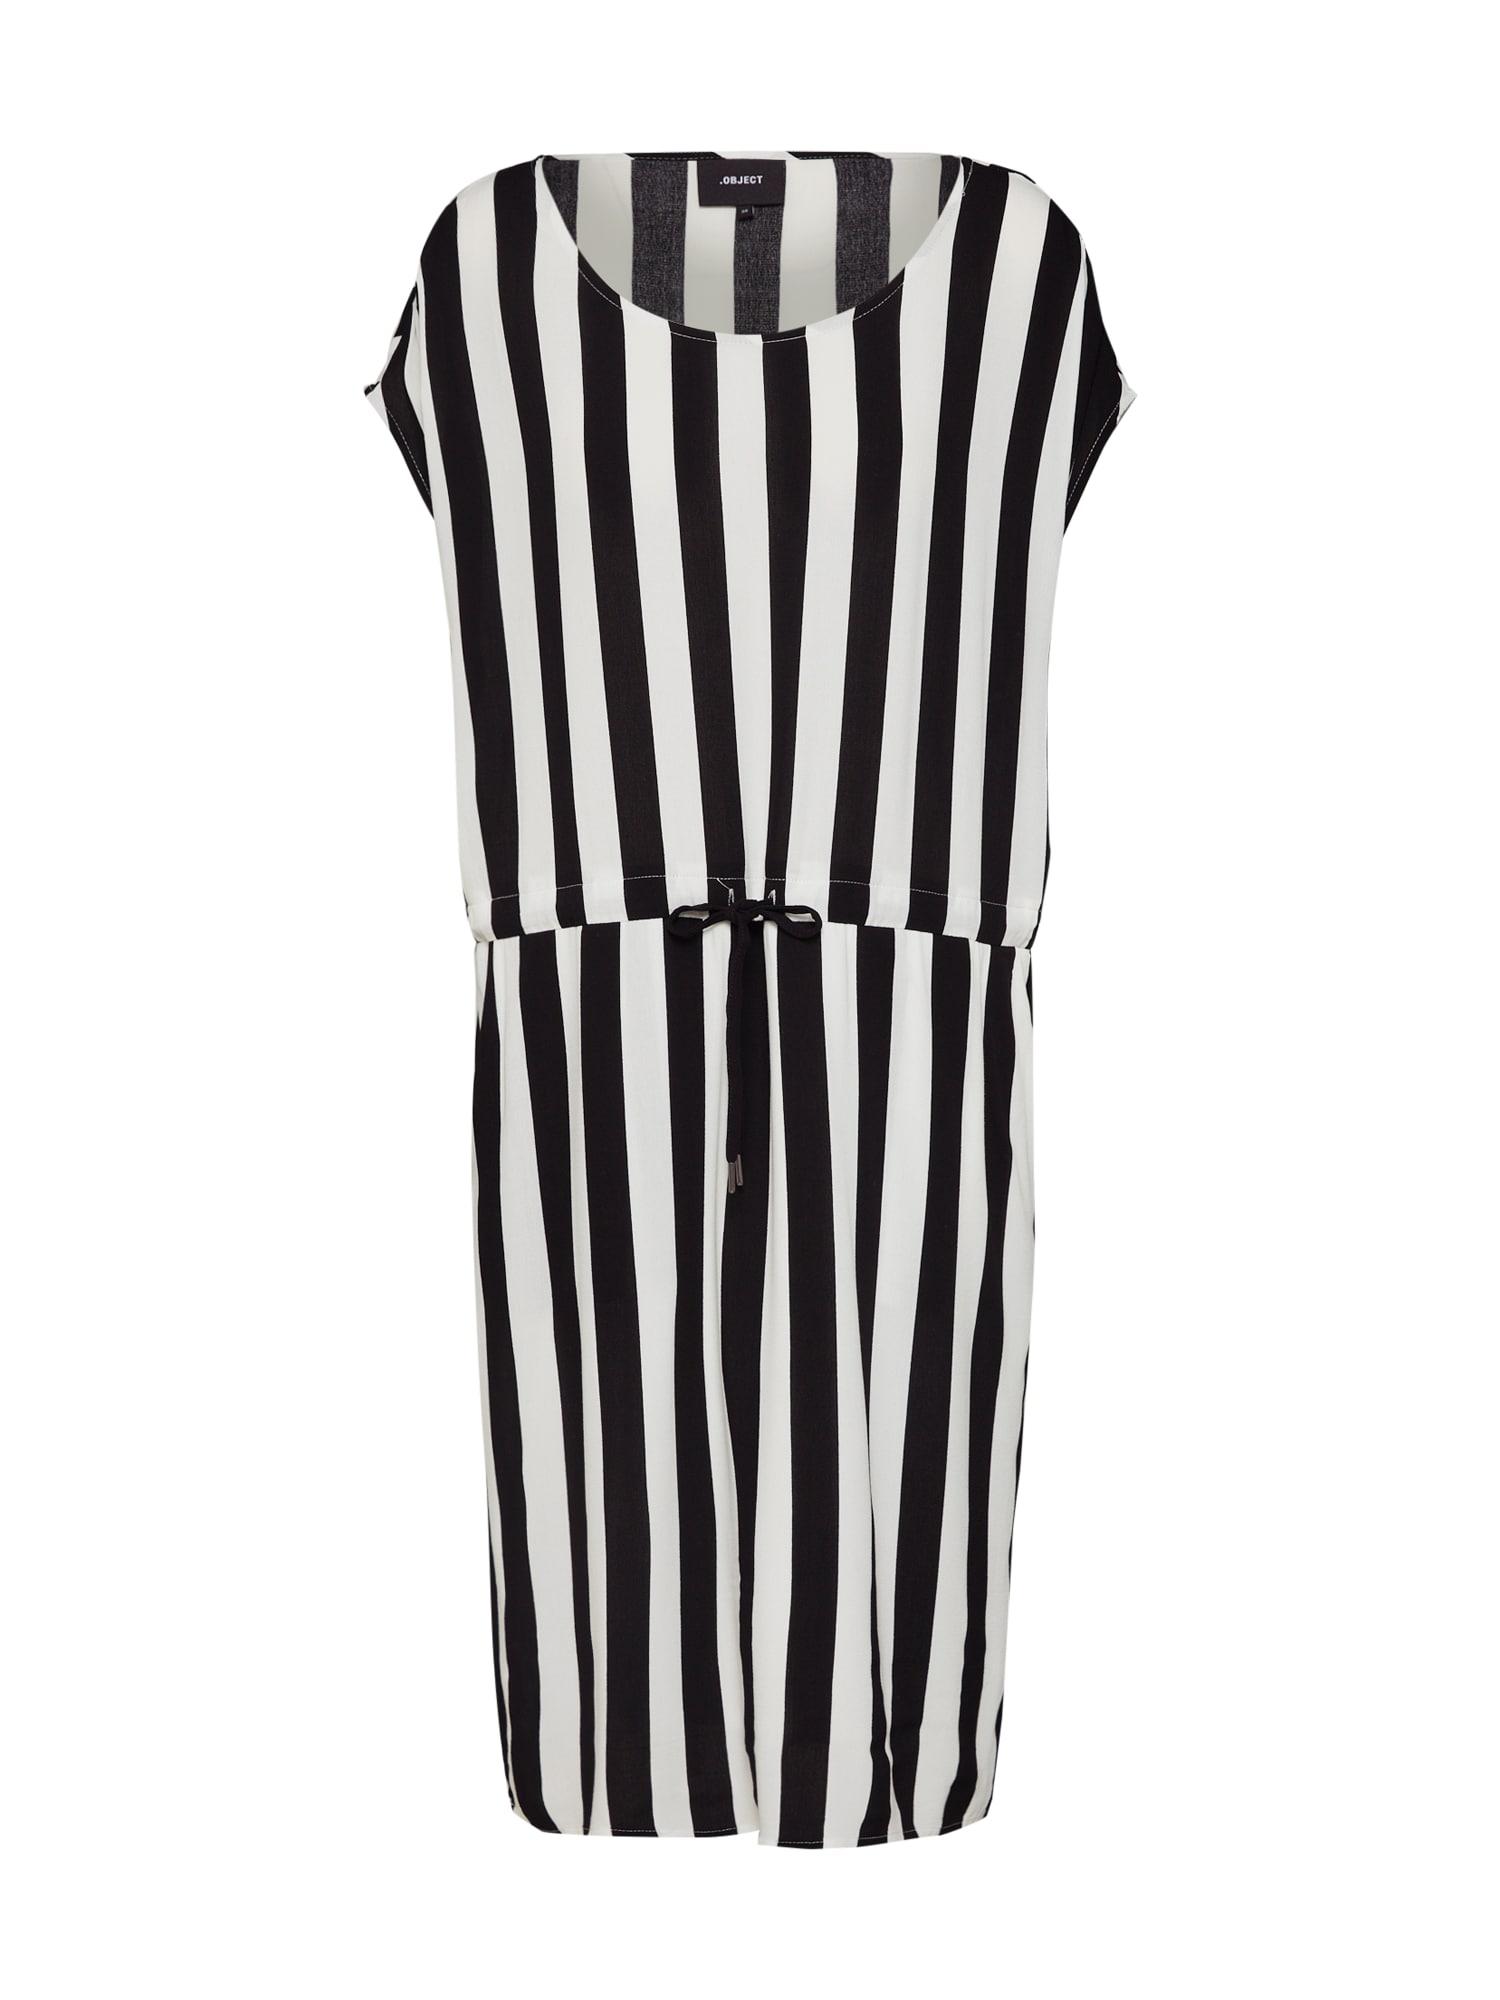 Letní šaty OBJBAY DALLAS černá bílá OBJECT